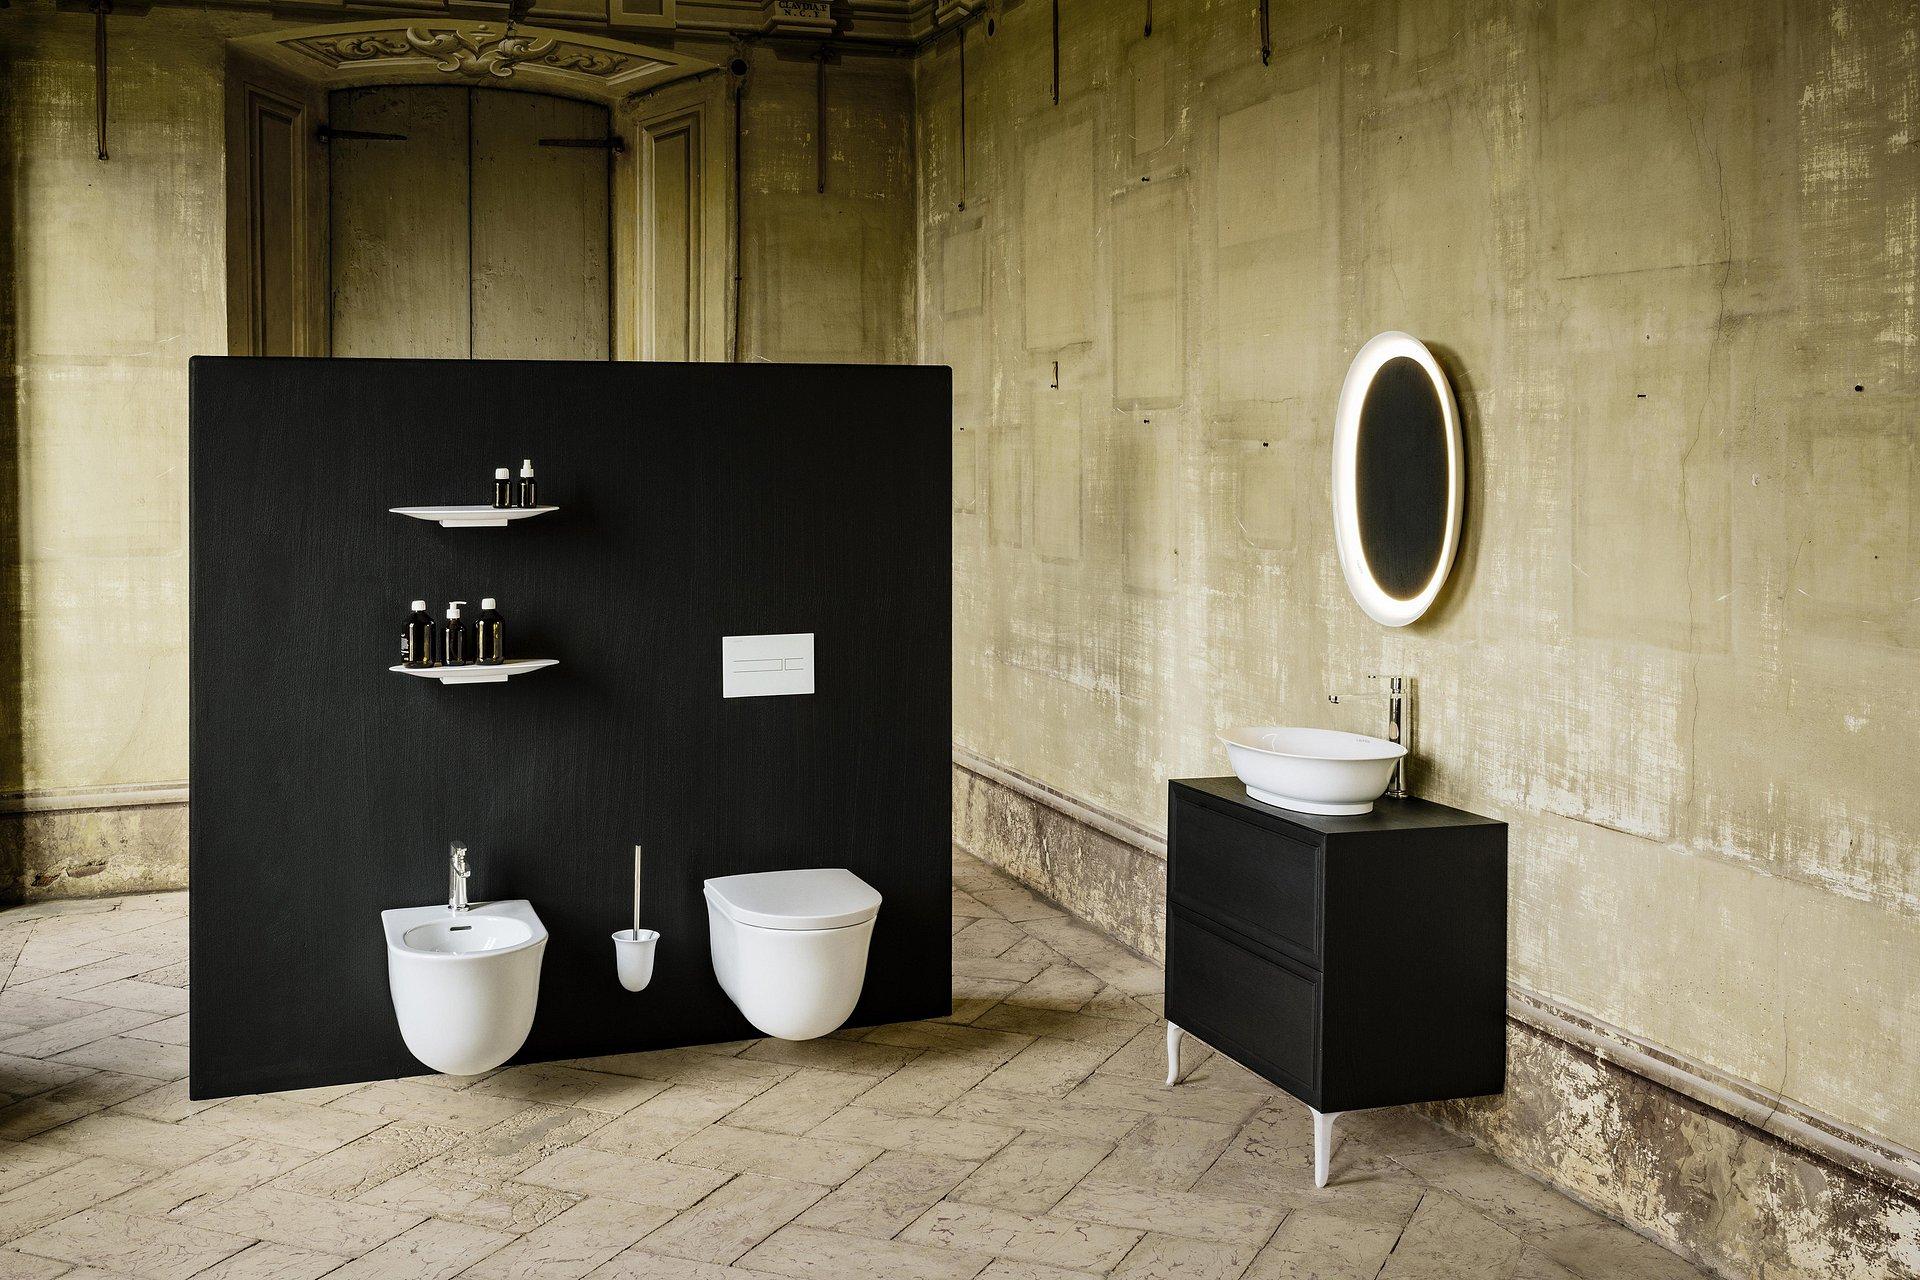 Klasyczna elegancja łazienki w nowoczesnej odsłonie